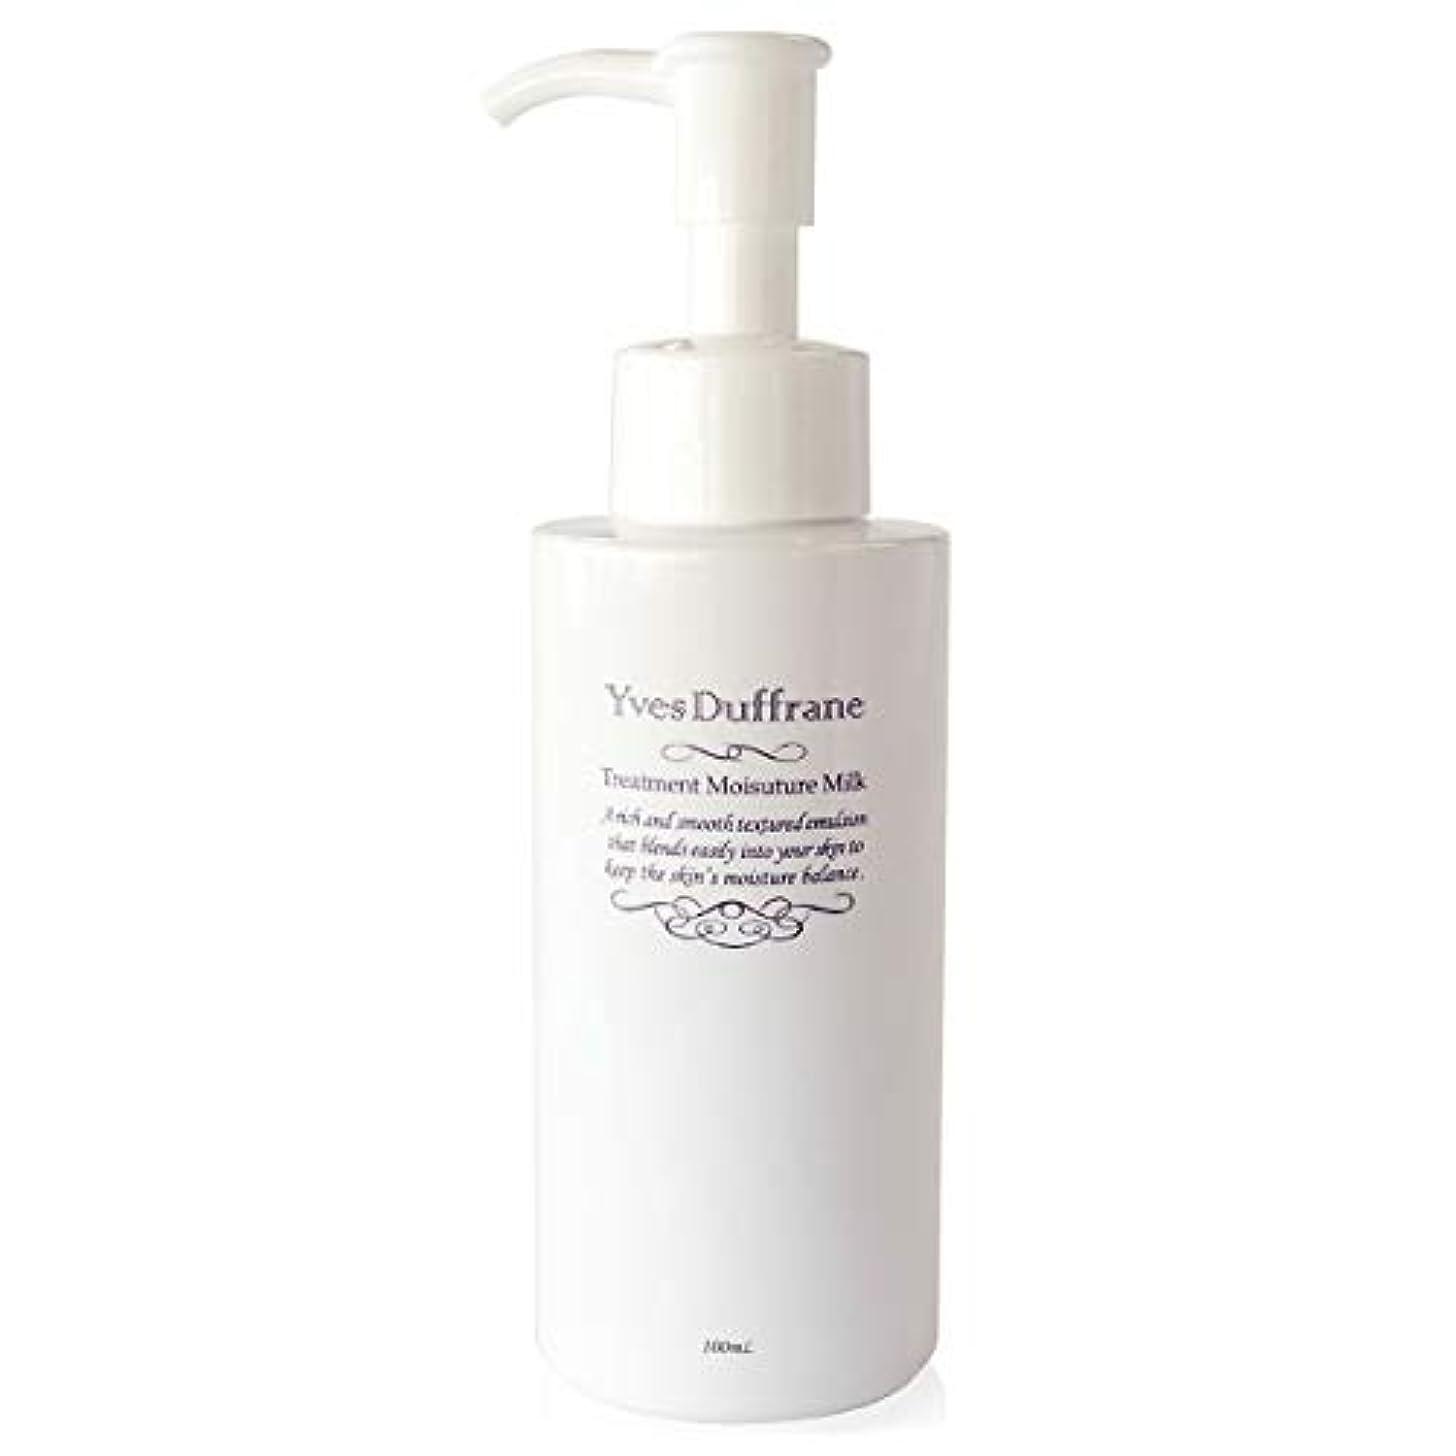 違うプレートスプーン乳液/セラミド アミノ酸 配合 [ 美容乳液 ] 増粘剤不使用 保湿 乾燥?敏感肌対応